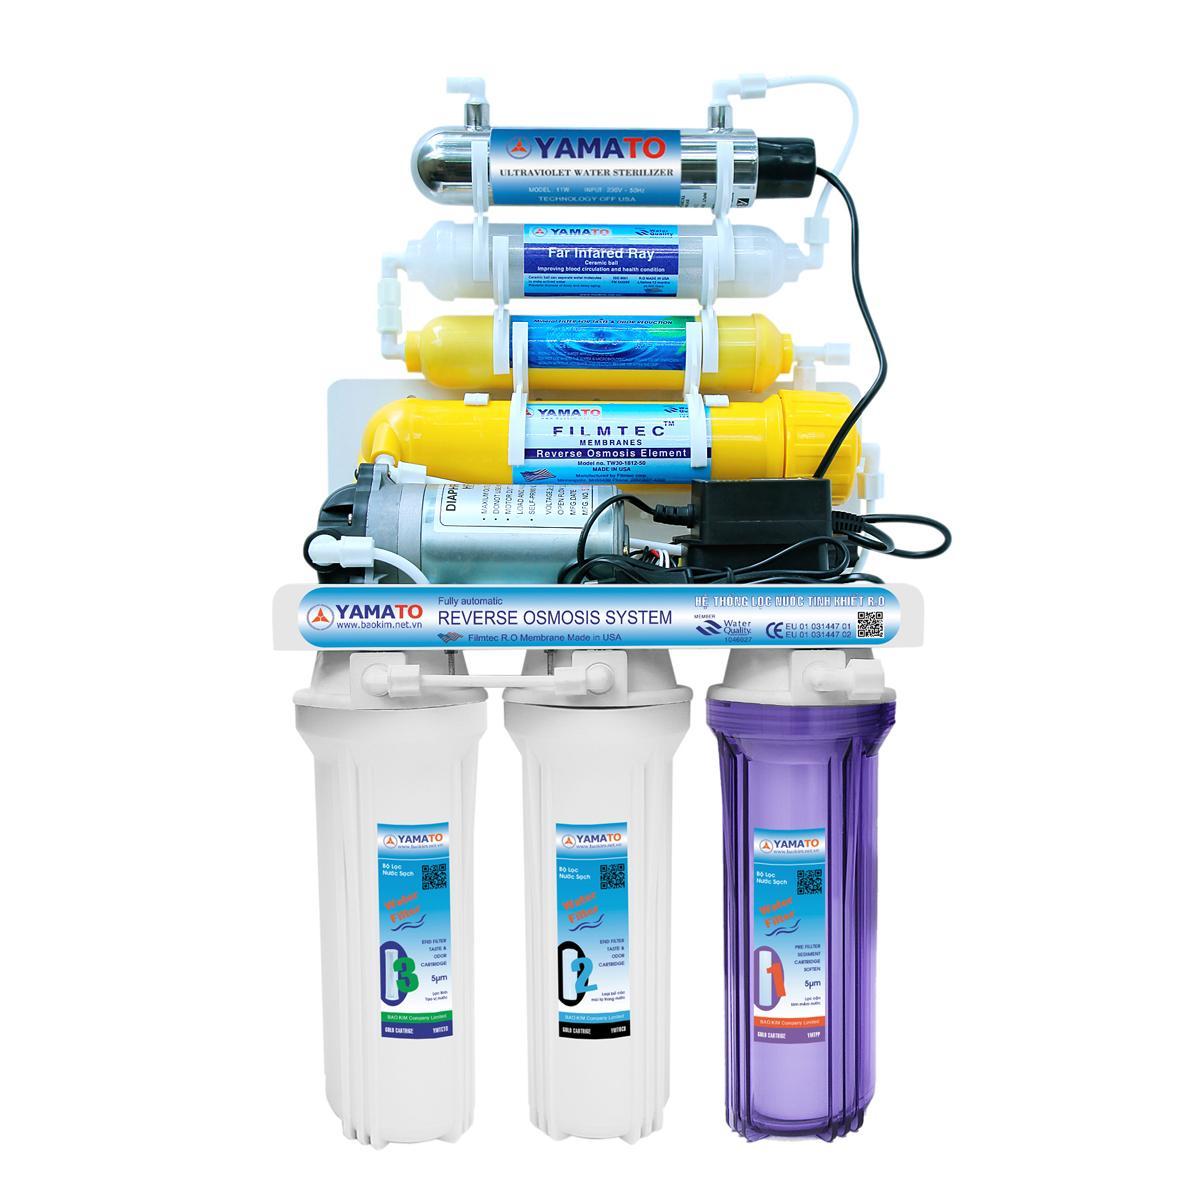 Máy lọc nước R.O YAMATO 7 cấp lọc có đèn UV - YMT-7ROXUV – Hàng chính hãng